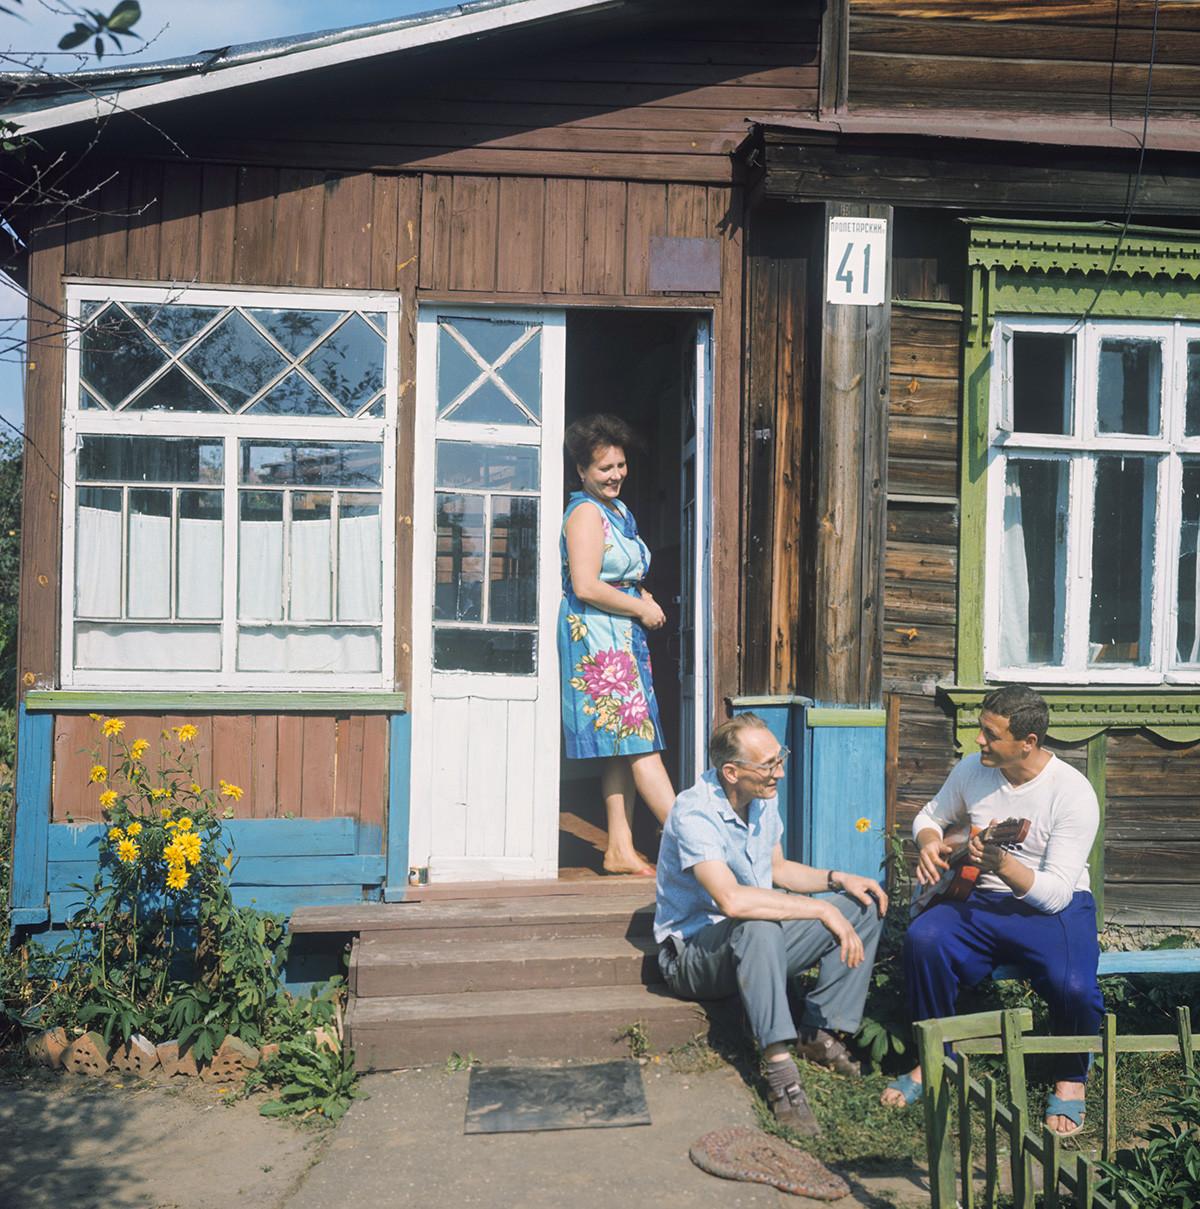 夫人と義父と一緒にダーチャの生活を楽しむソ連の宇宙飛行士ウラジスラフ・ヴォルコフ